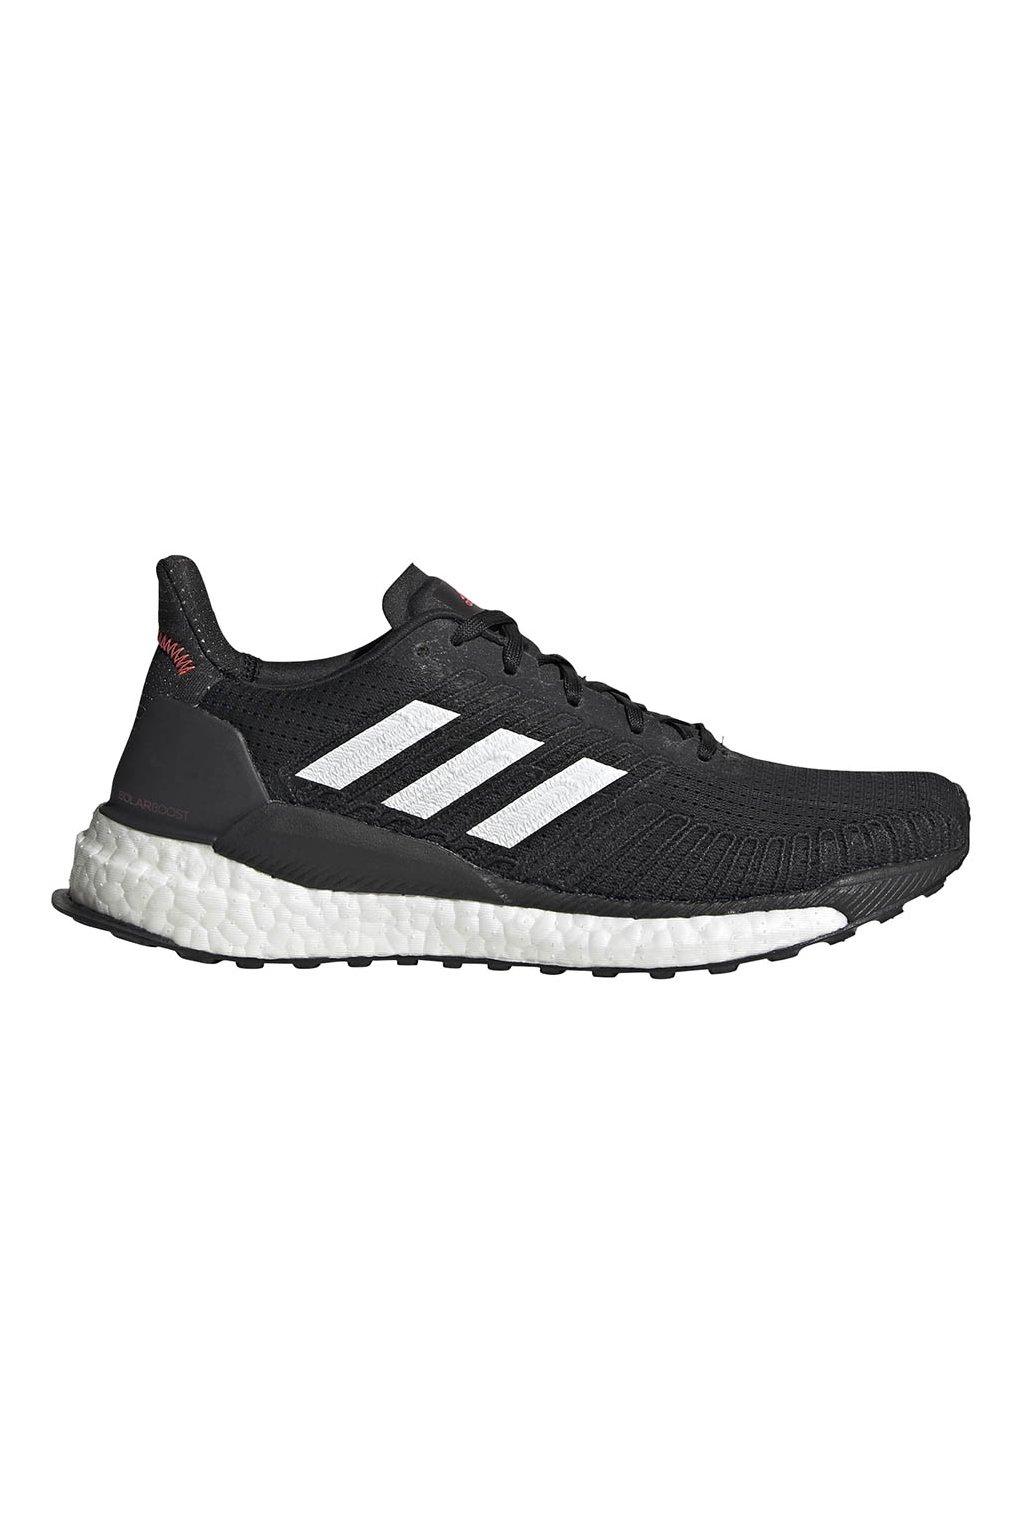 Dámska obuv adidas Solar Boost 19 W FW7820